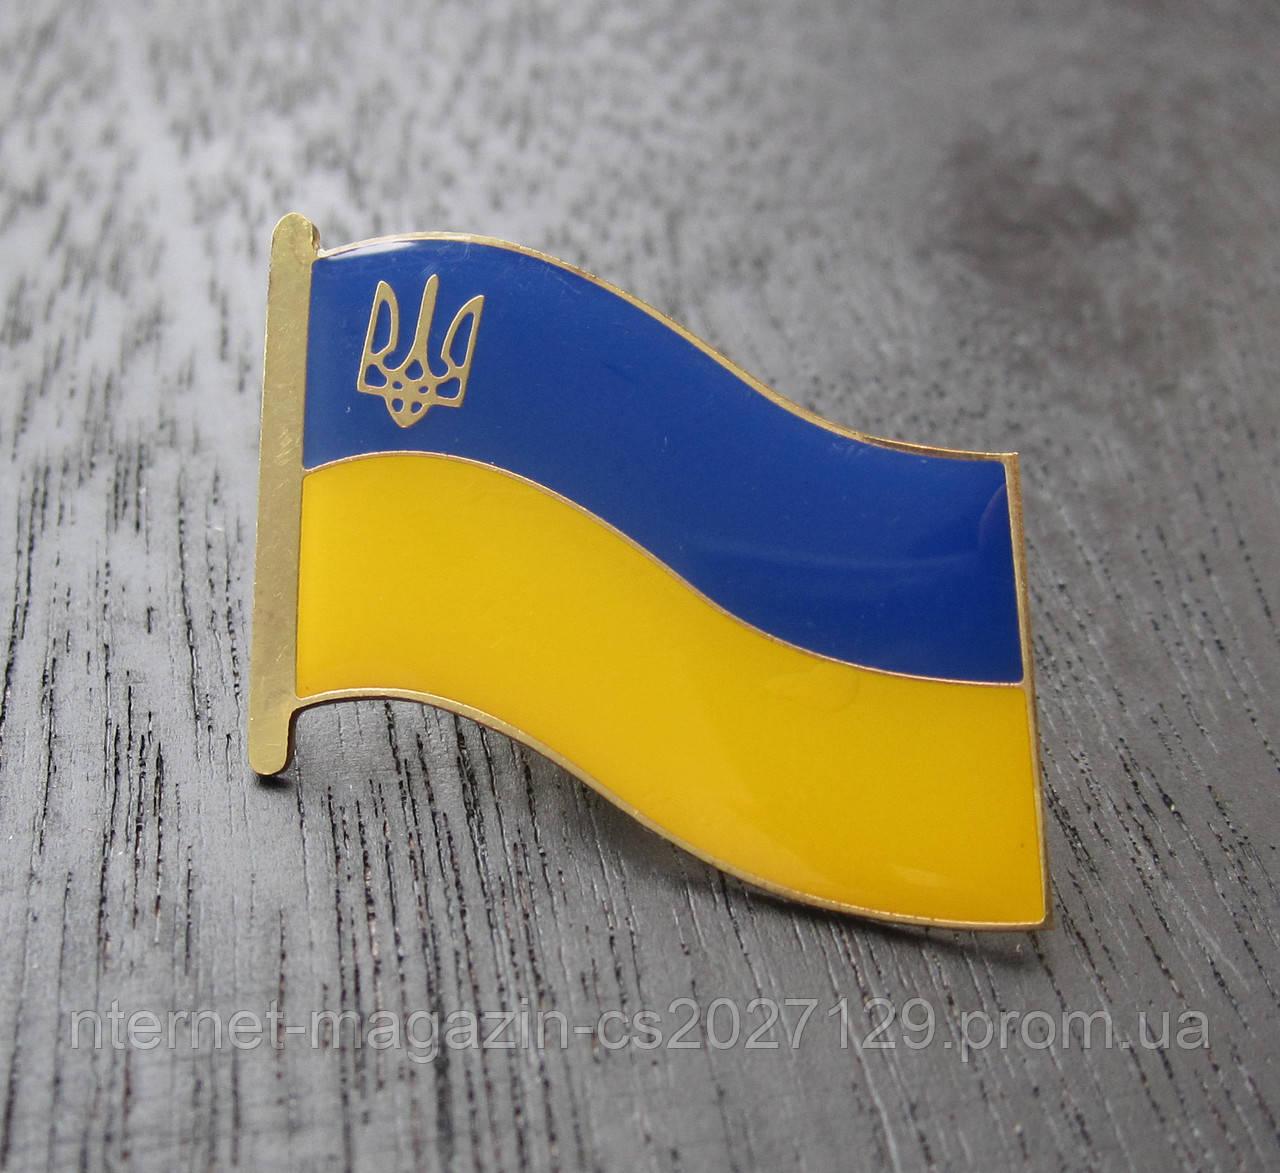 Нацсовет Украины запретил трансляцию телеканала «Многосерийное ТВ» на территории страны